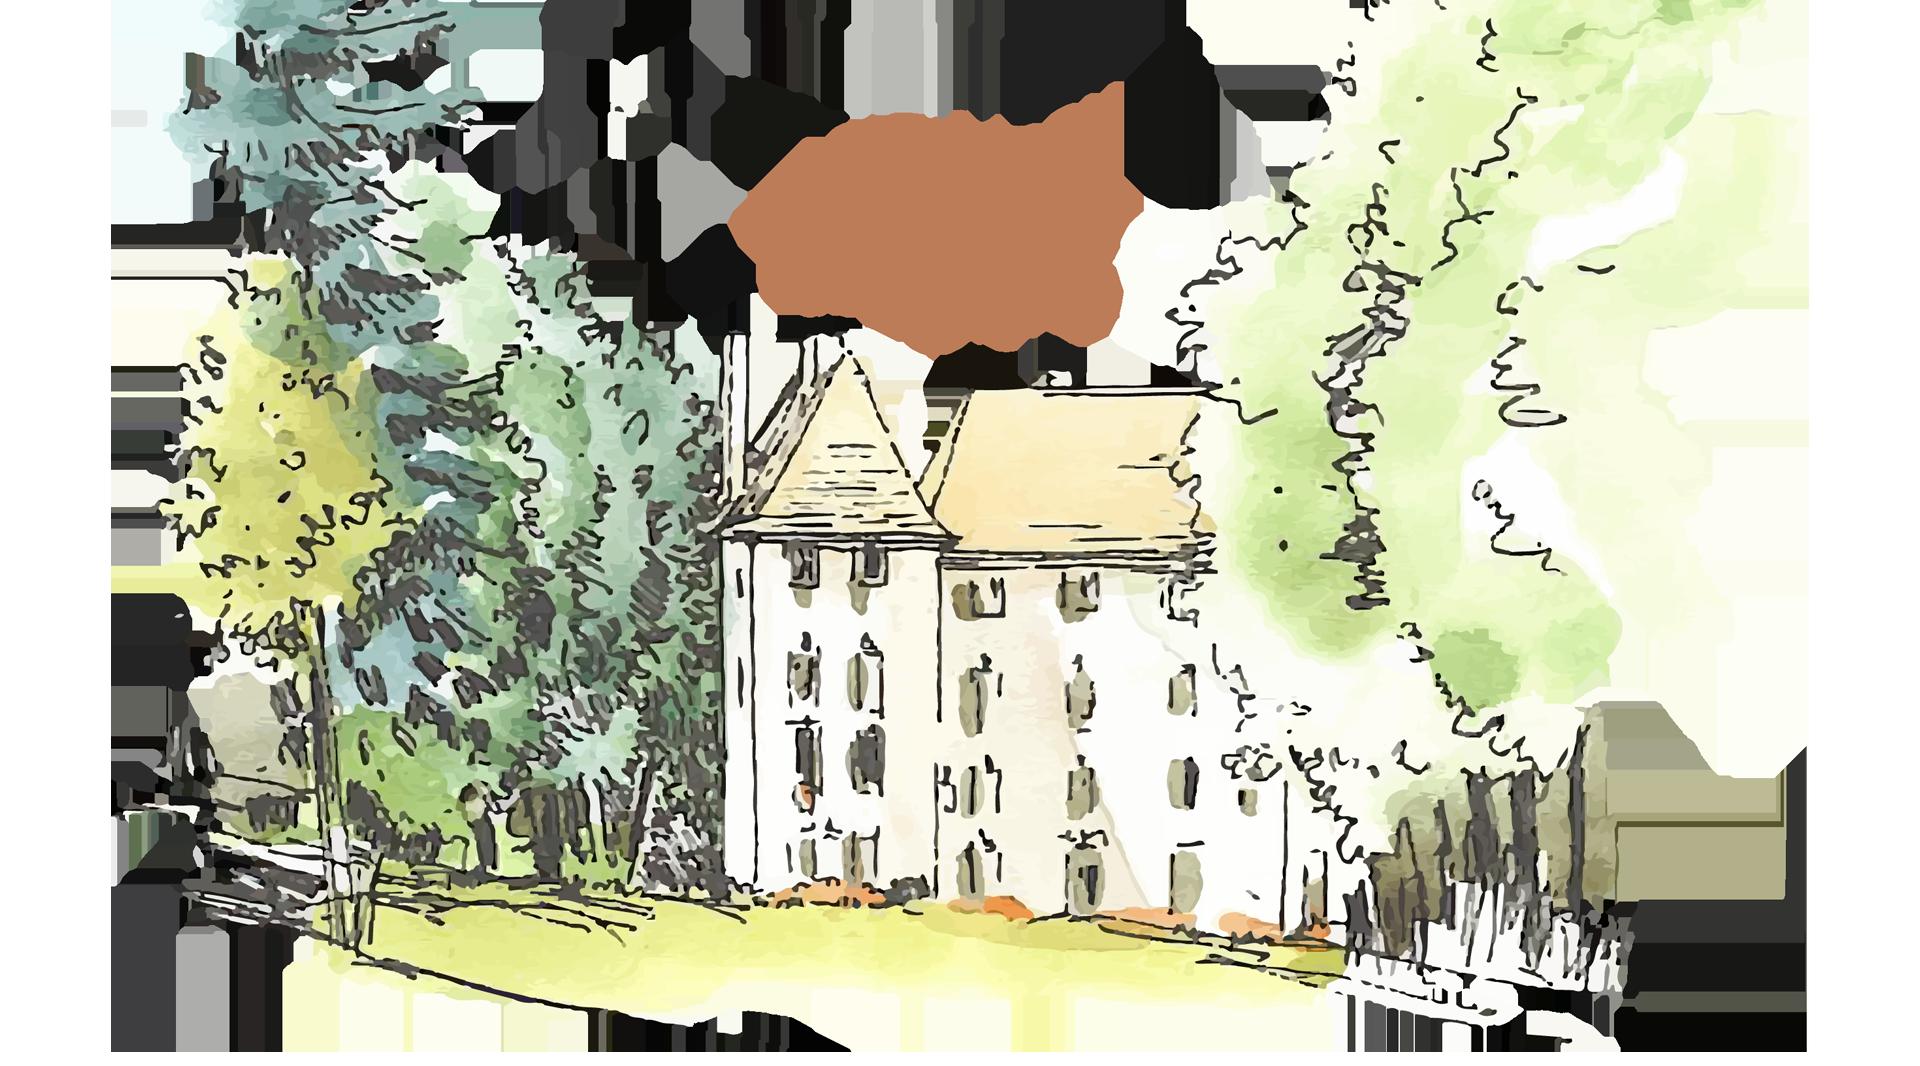 Le château dans les arbres - (c) P. Quartararo